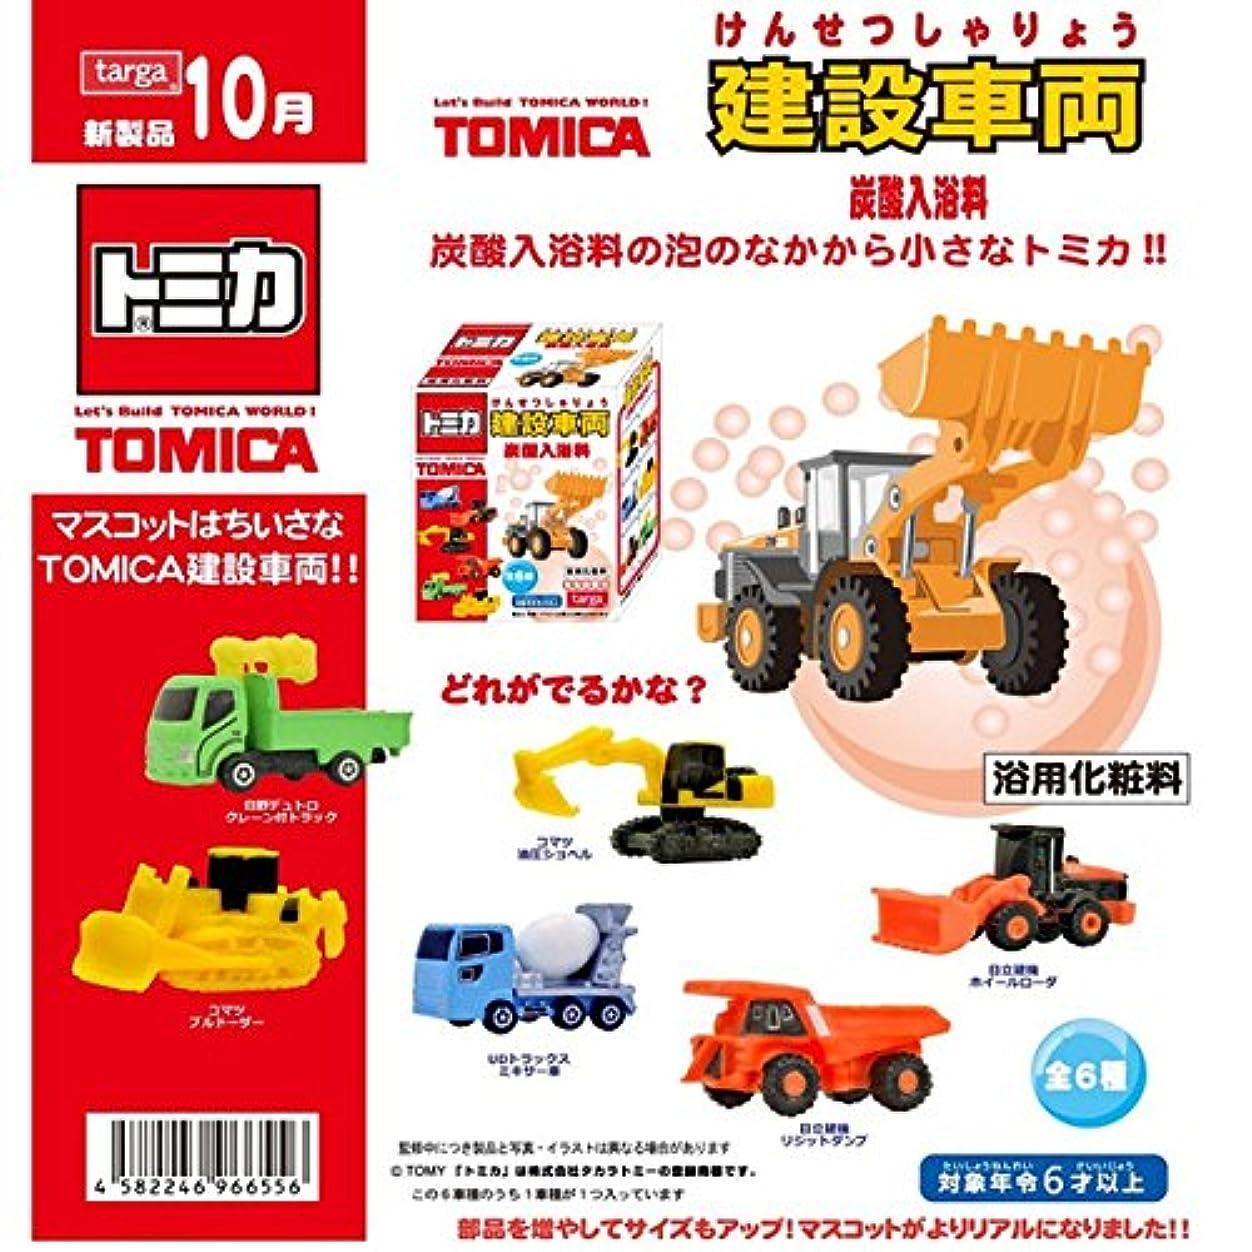 ページクラッチポンペイトミカ 建設車両 炭酸入浴料 ももの香り 6個1セット TOMICA